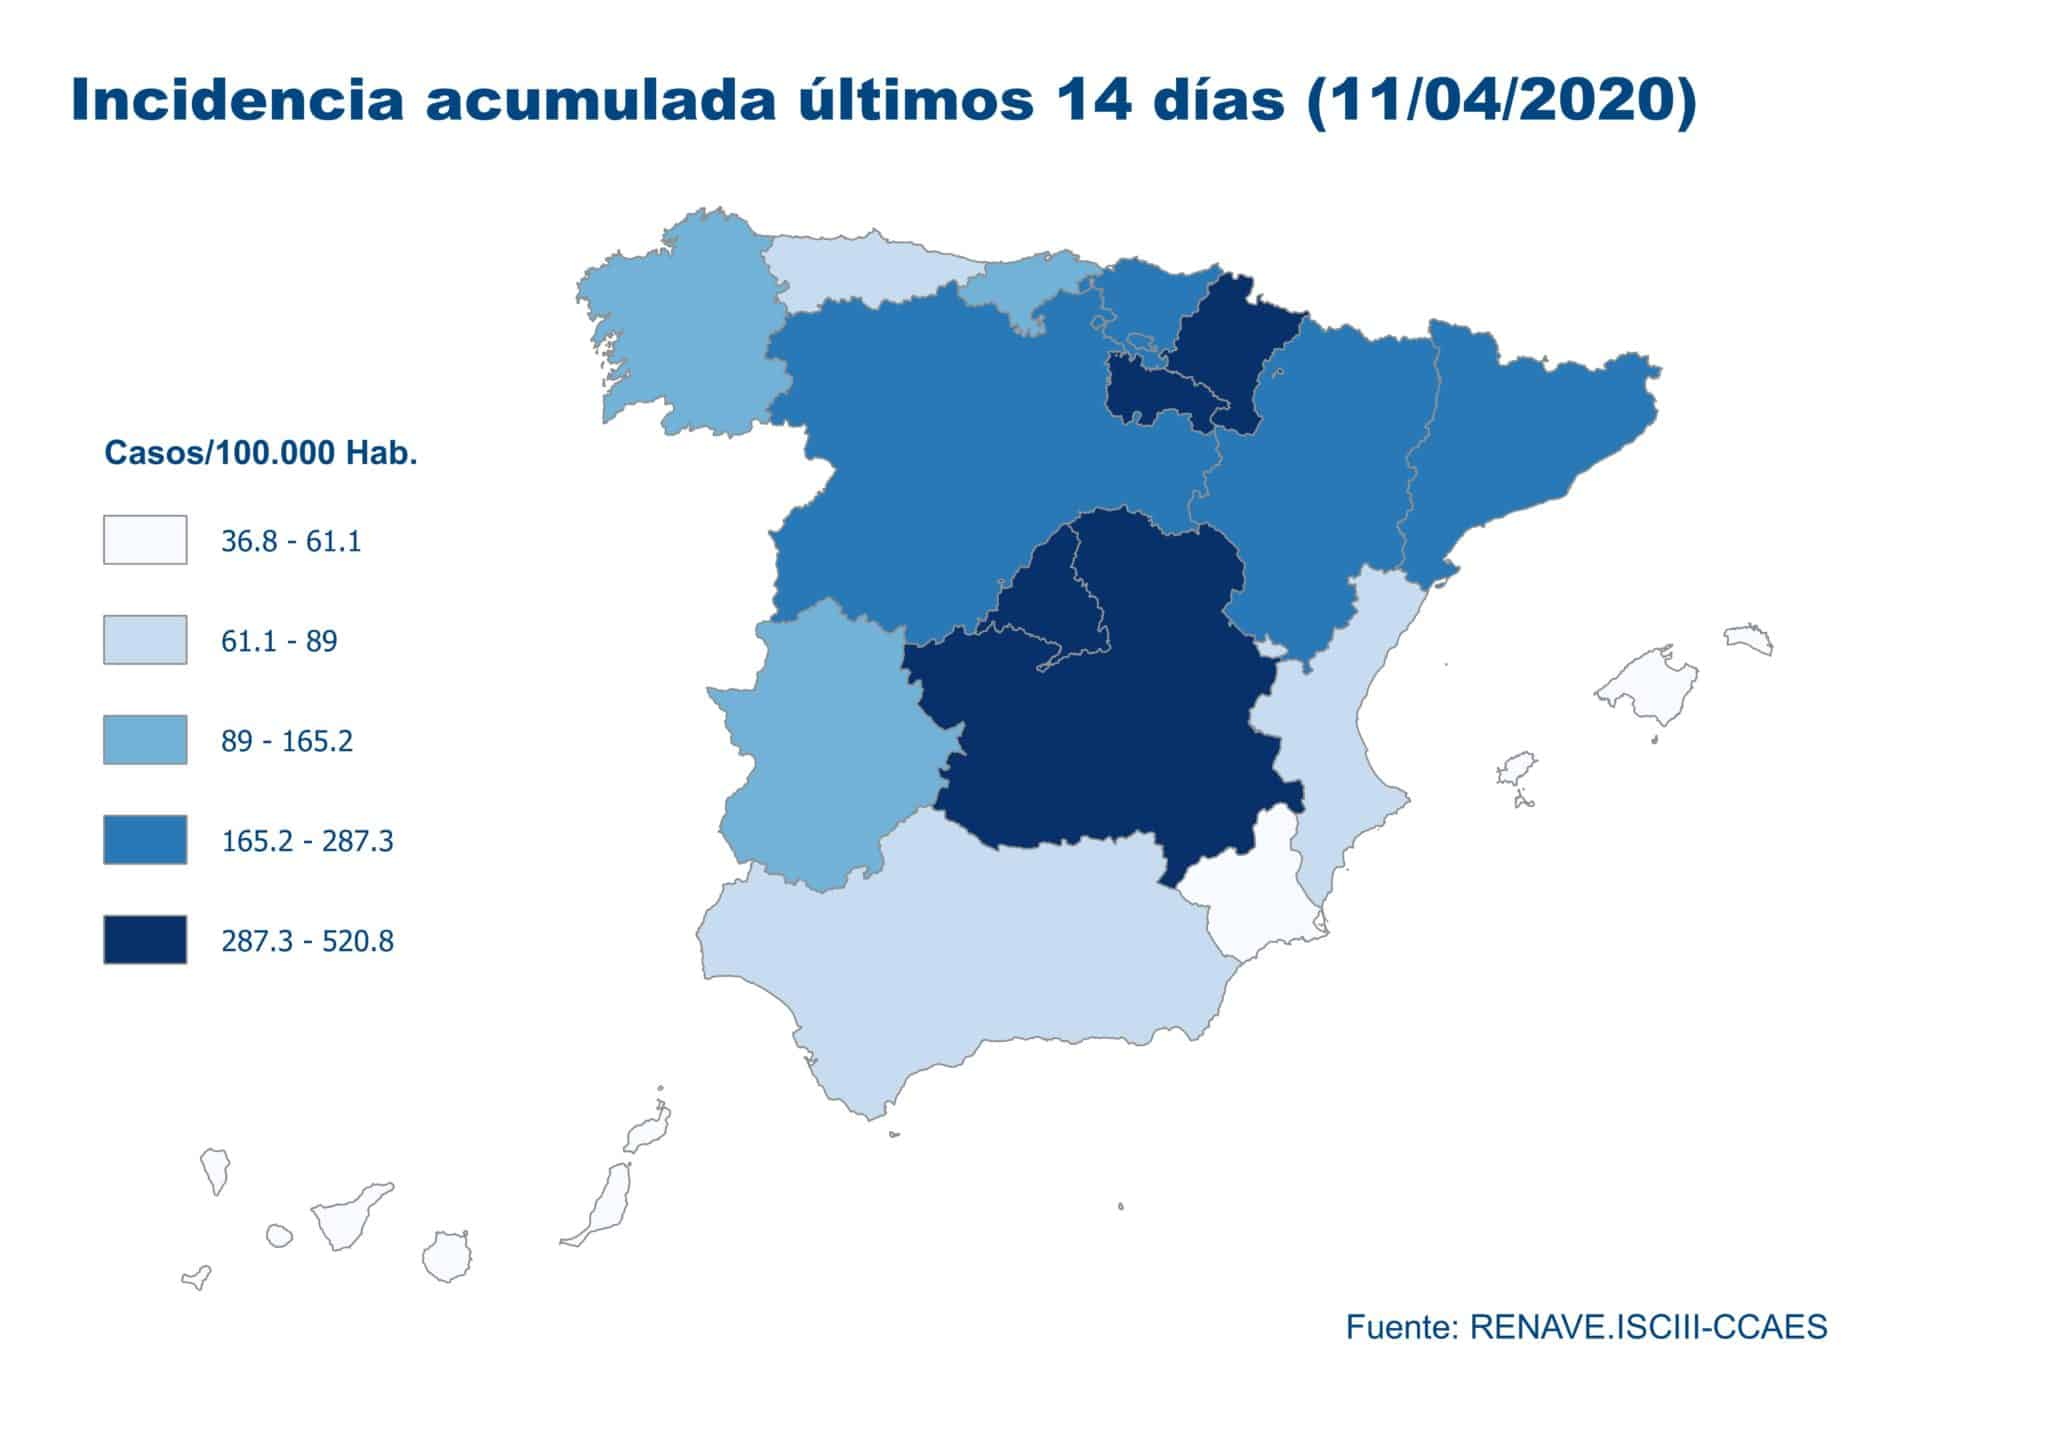 La Rioja sufre 12 nuevas muertes por coronavirus y suma 56 casos más 3